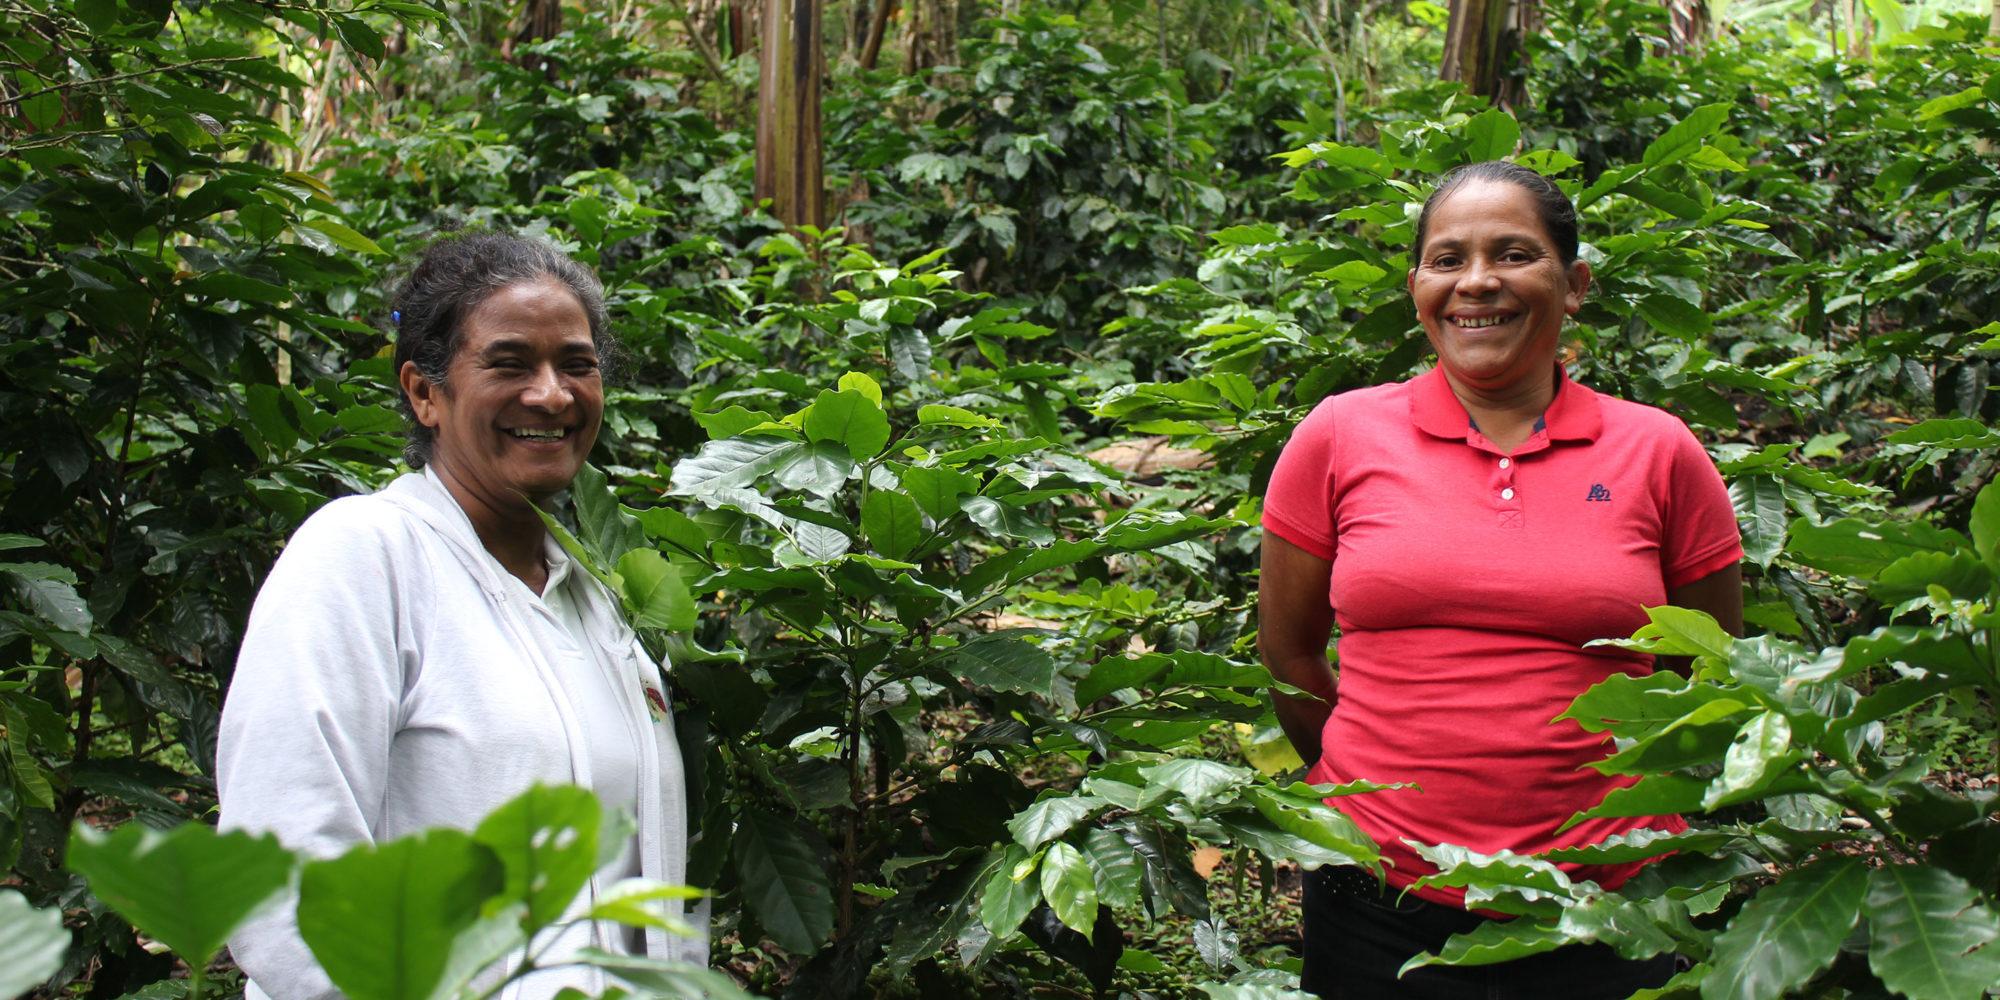 Två kvinnor står bland grönskande kaffebuskar och tittar leende in i kameran.